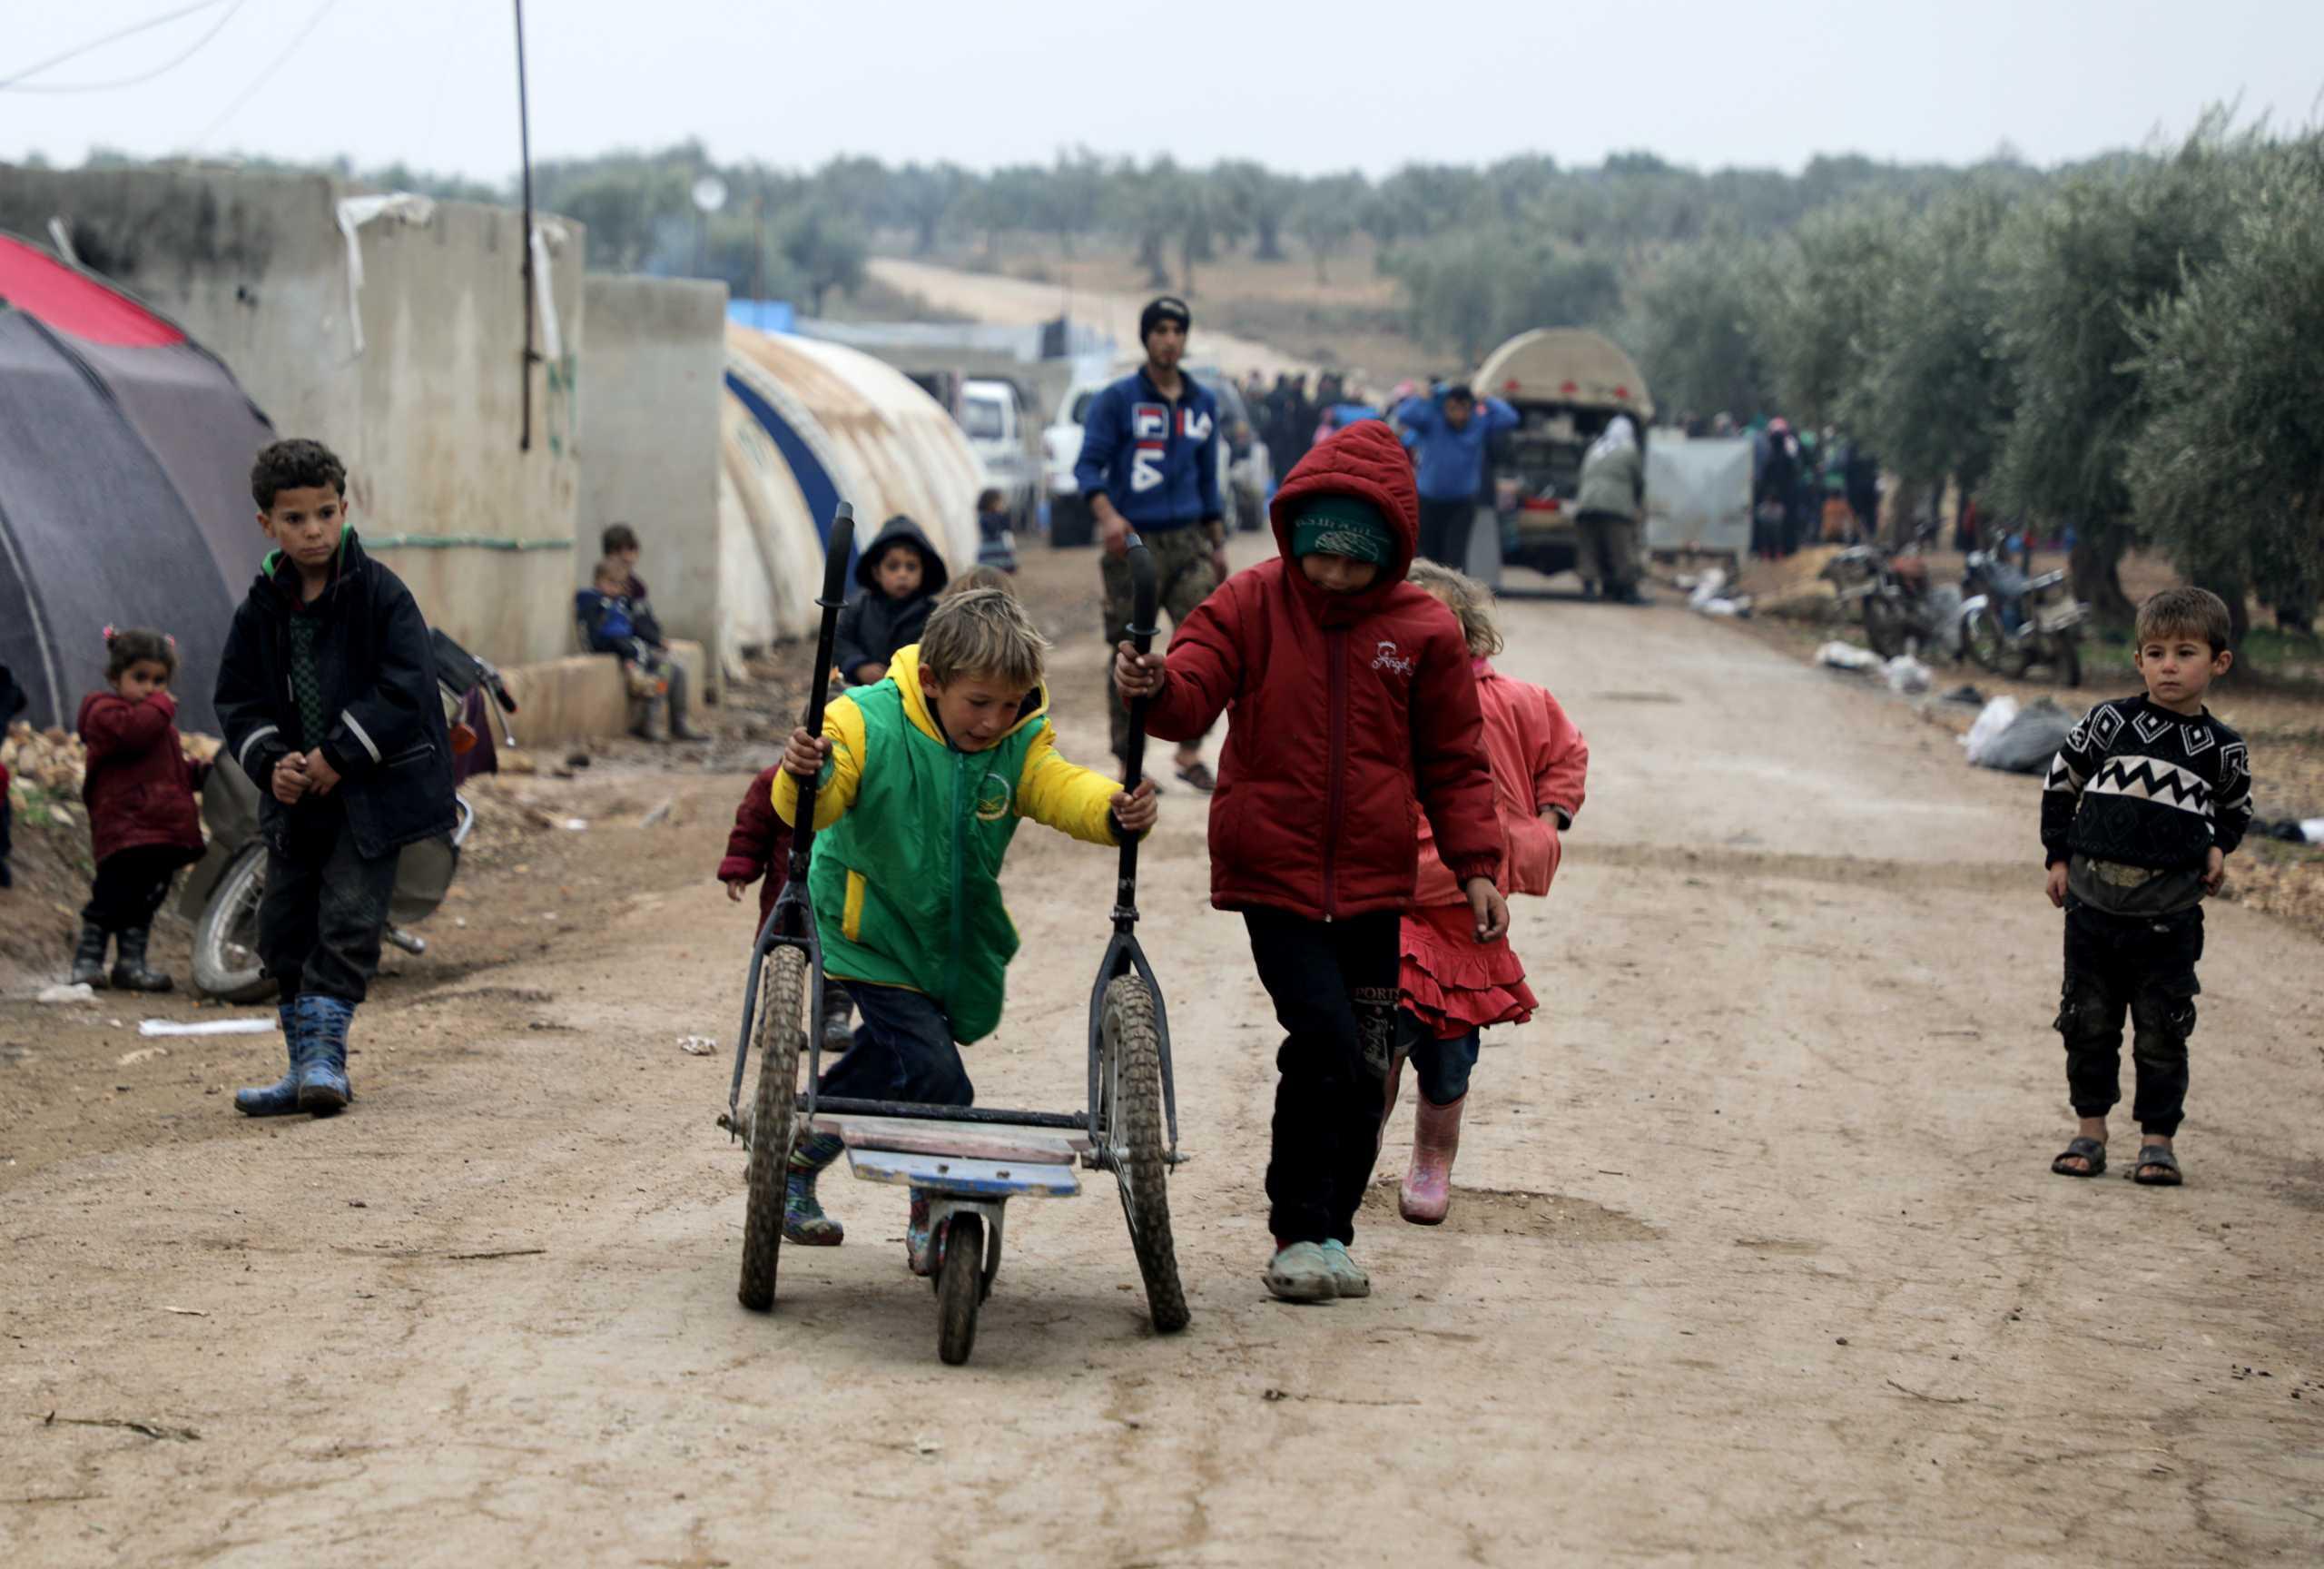 Πόλεμος στη Συρία: 6.800 νεκροί το 2020 – O χαμηλότερος ετήσιος απολογισμός από το 2011